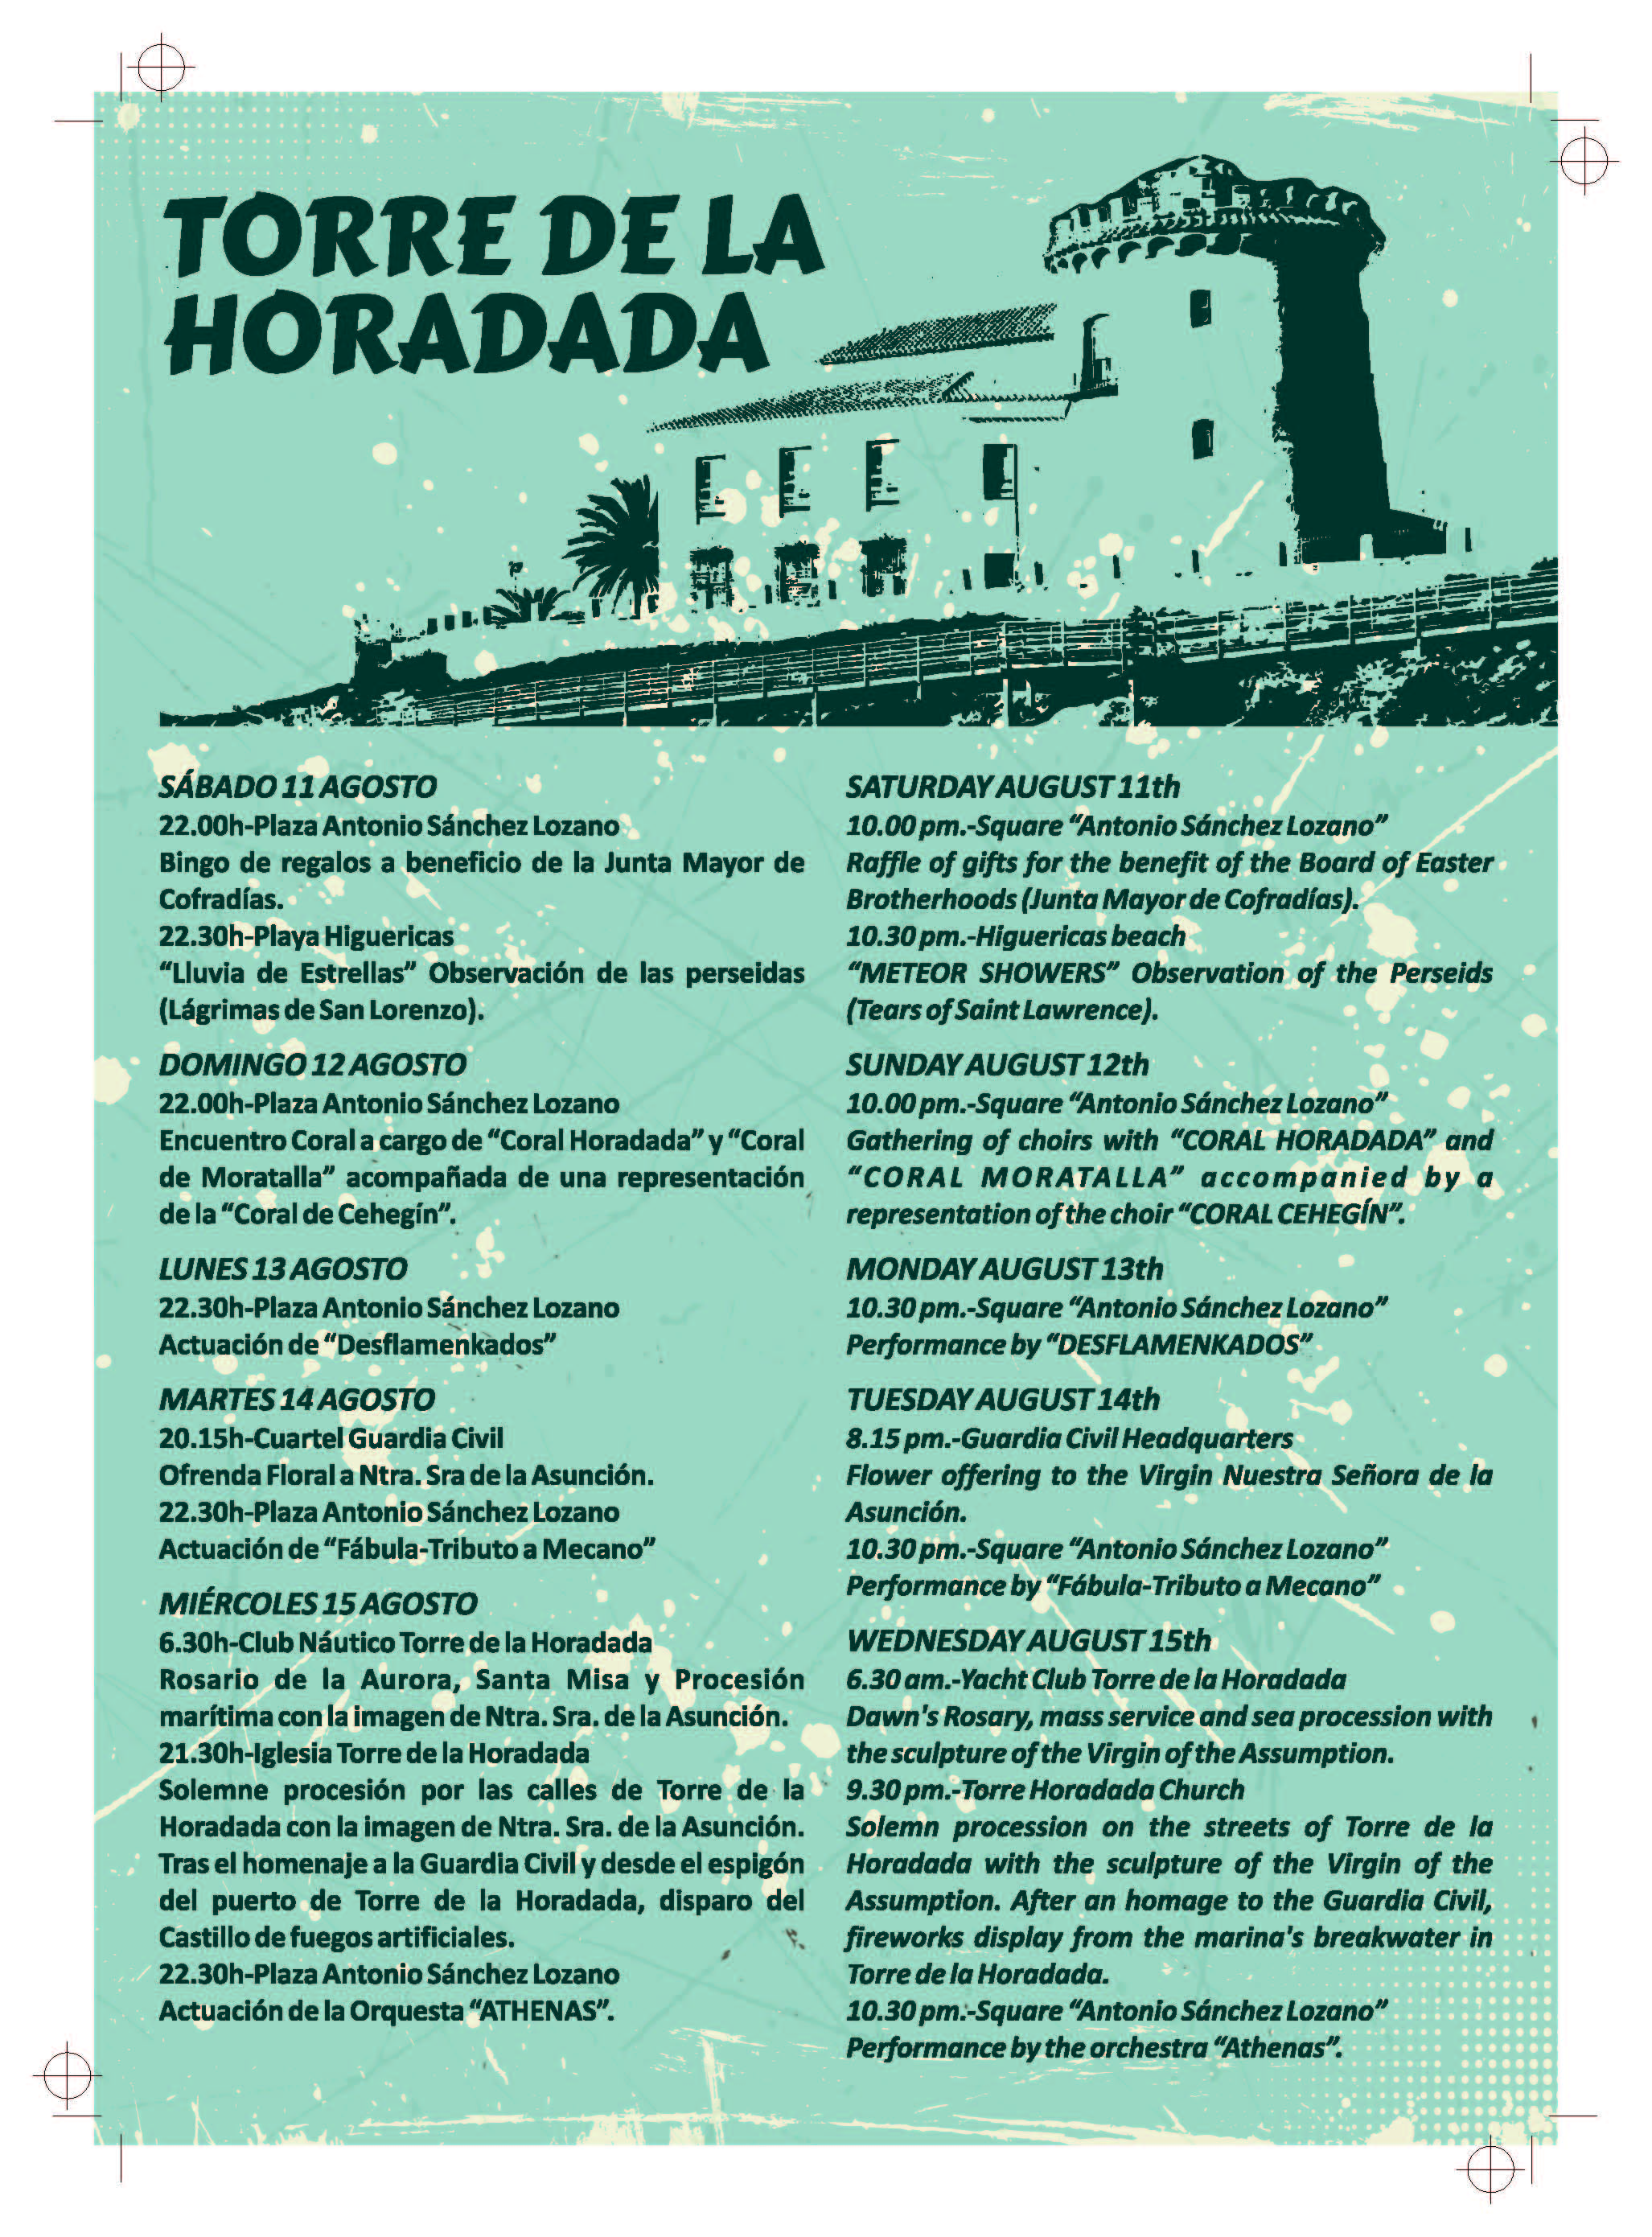 PROGRAMA DE FIESTAS TORRE DE LA HORADADA 2018 - Pilar Horadada